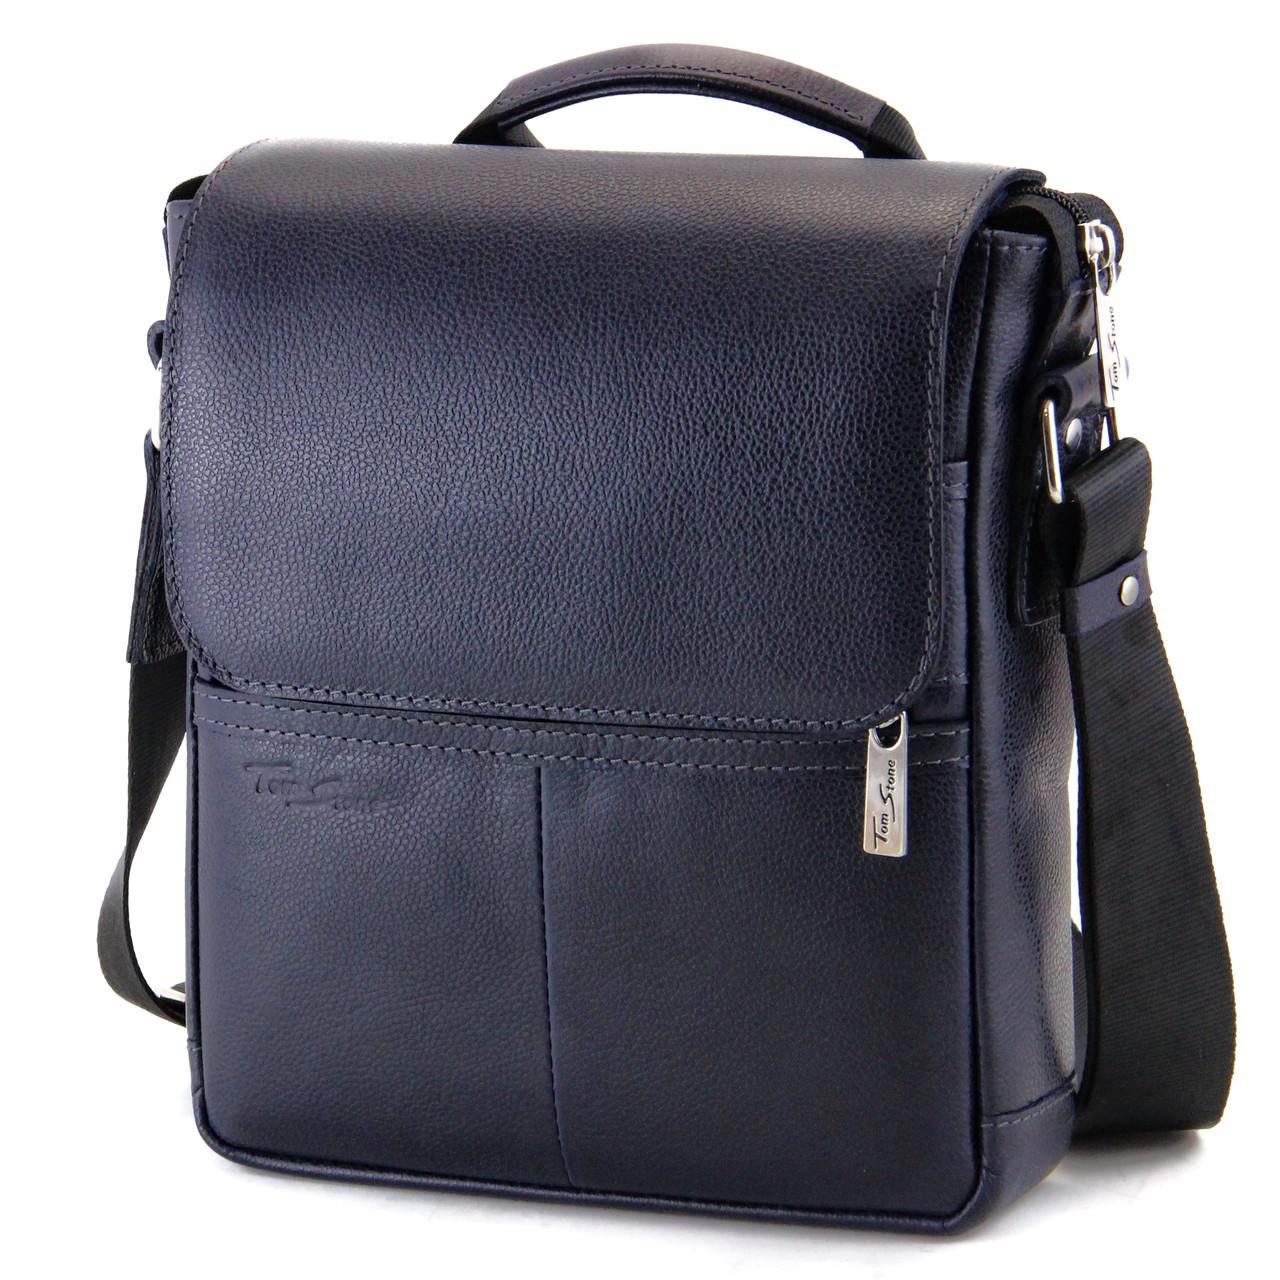 a9bcc590e5c1 Кожаная мужская сумка с ручкой Tom Stone, цена 2 350 грн., купить в ...